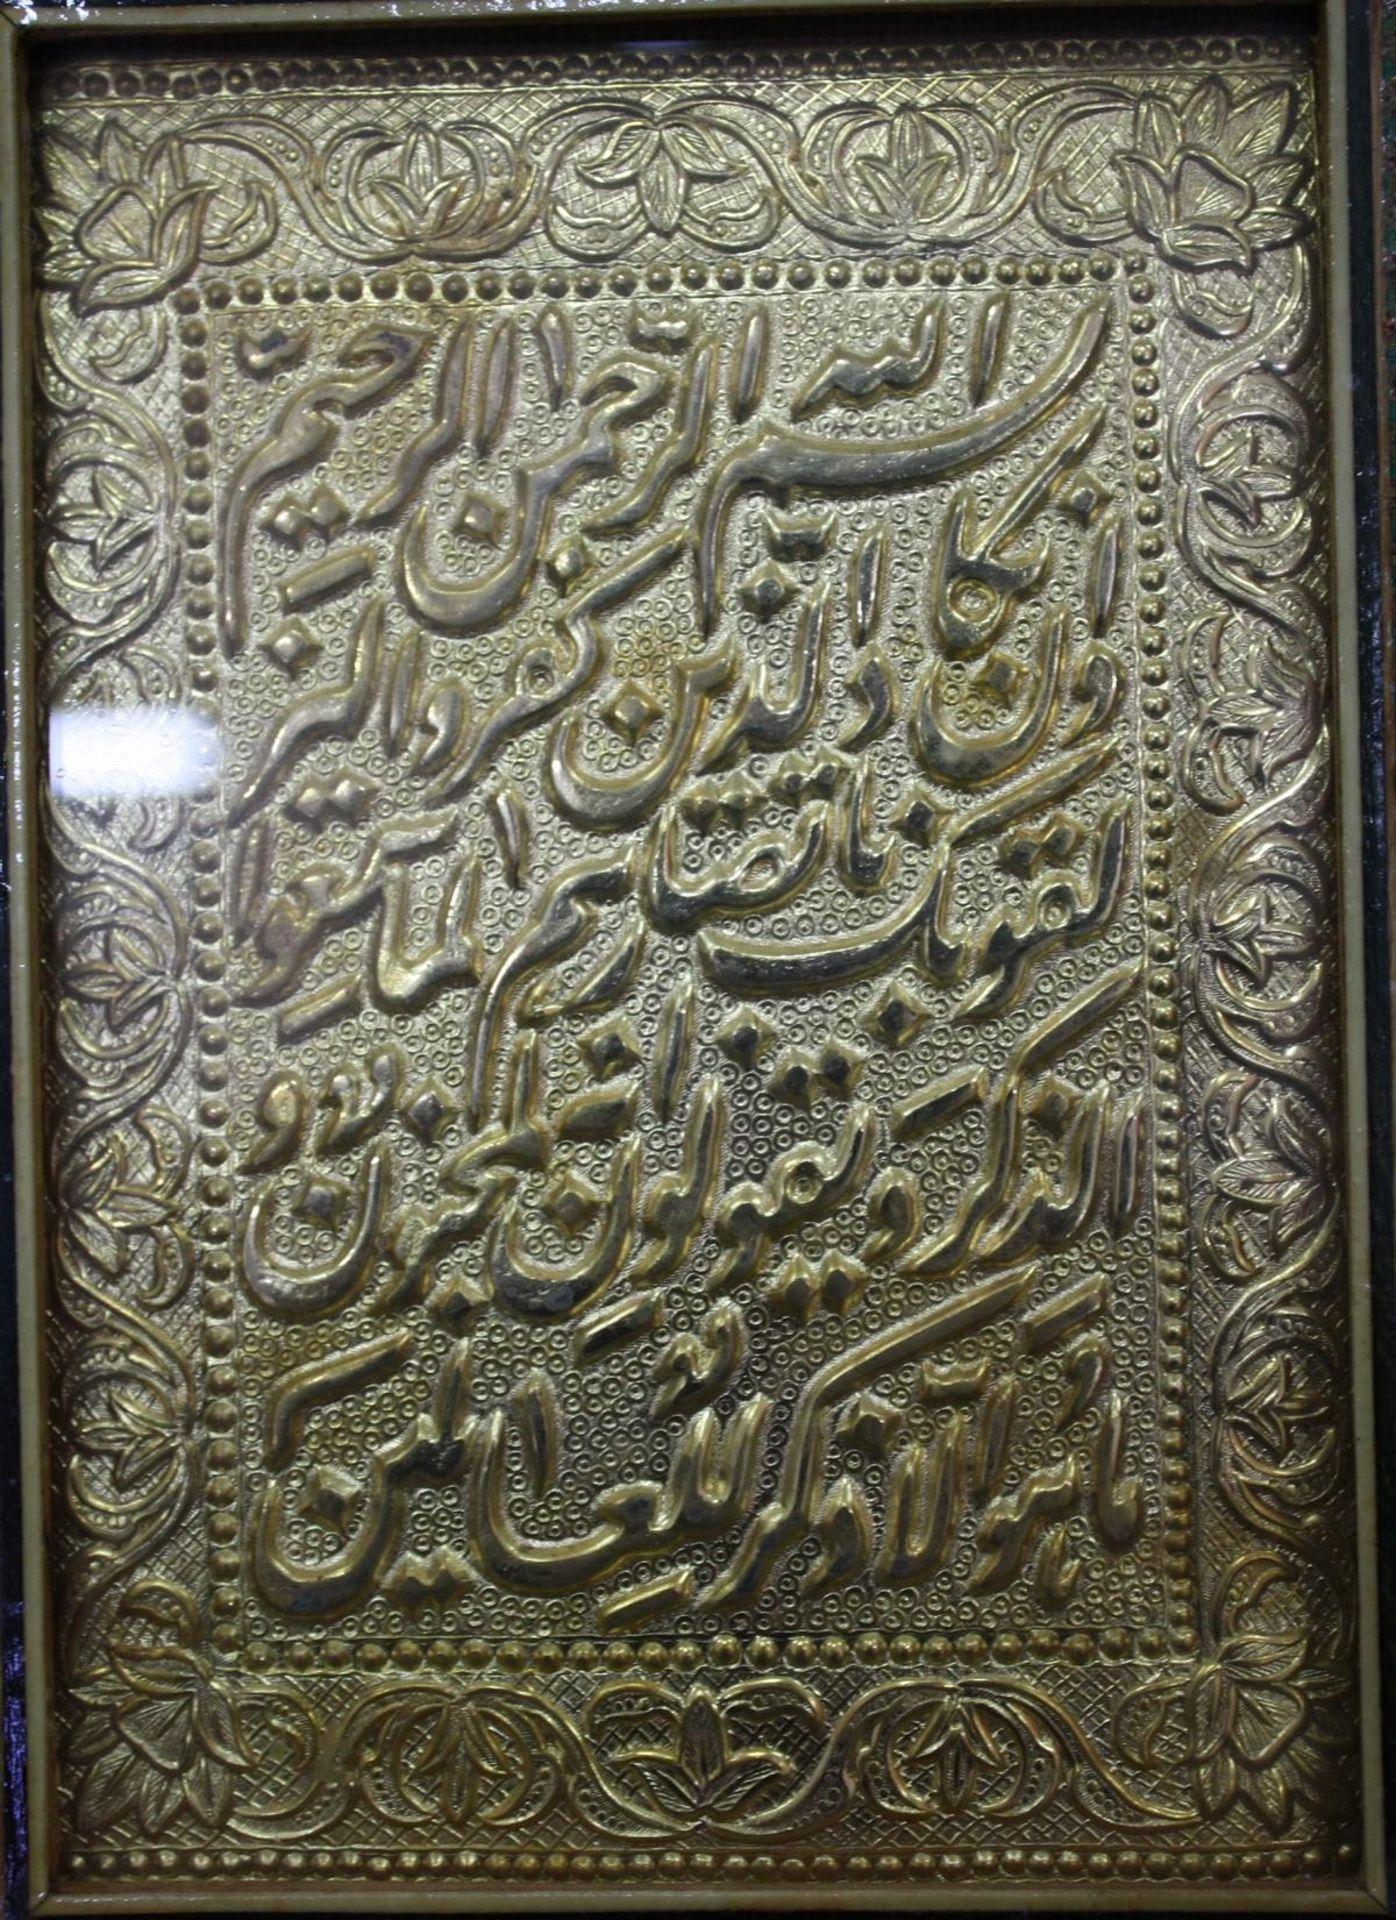 2 Miniaturbilder auf Beinplättchen, 1 Schrift-Relief, Persien, 20. Jahrhundert - Bild 3 aus 4